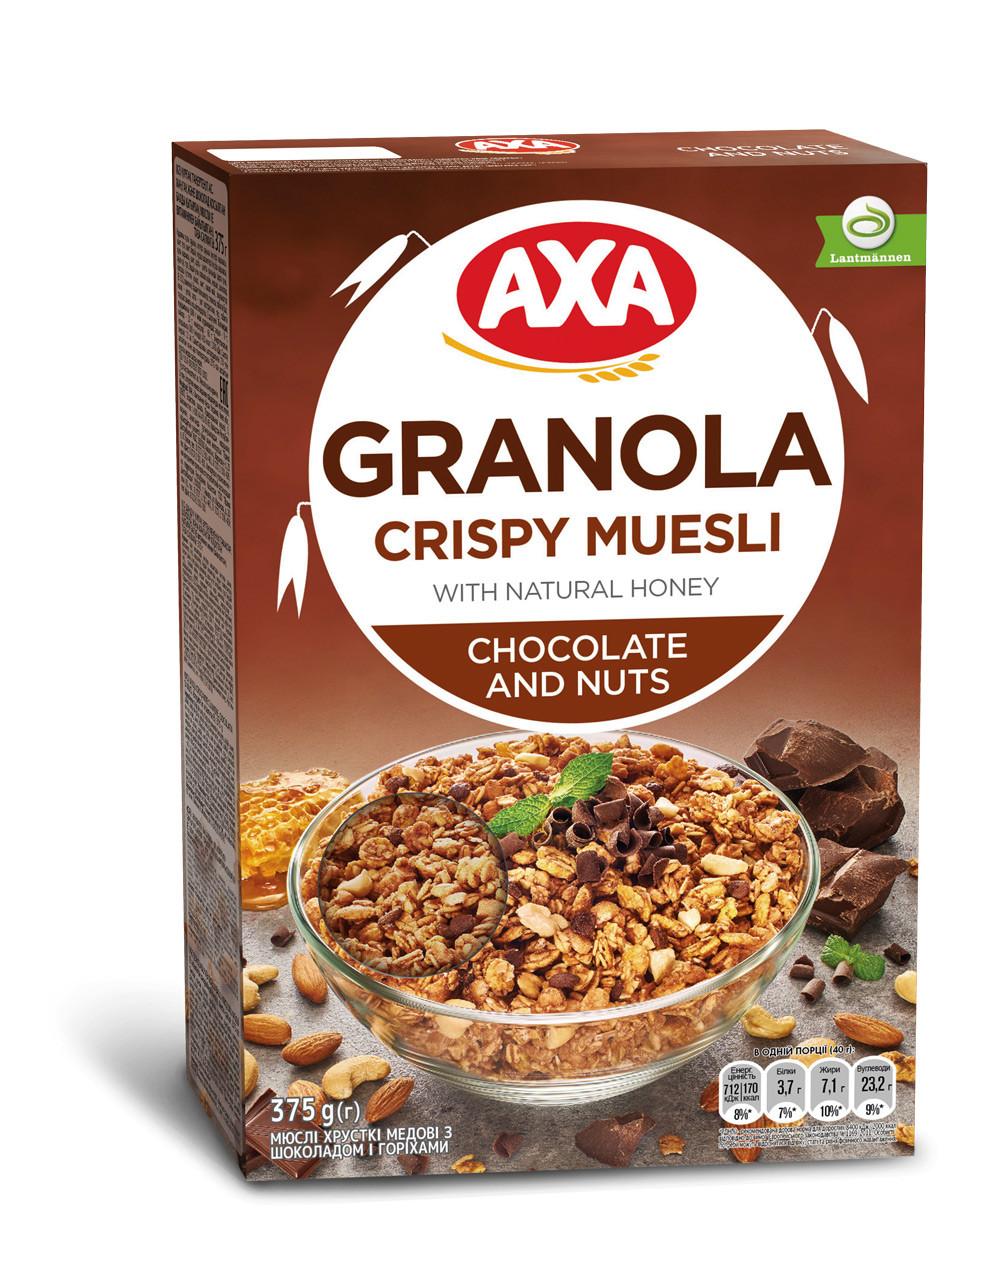 Мюслі хрусткі медові з шоколадом і горіхами (збагачені вітаміном Е) 375г АХА